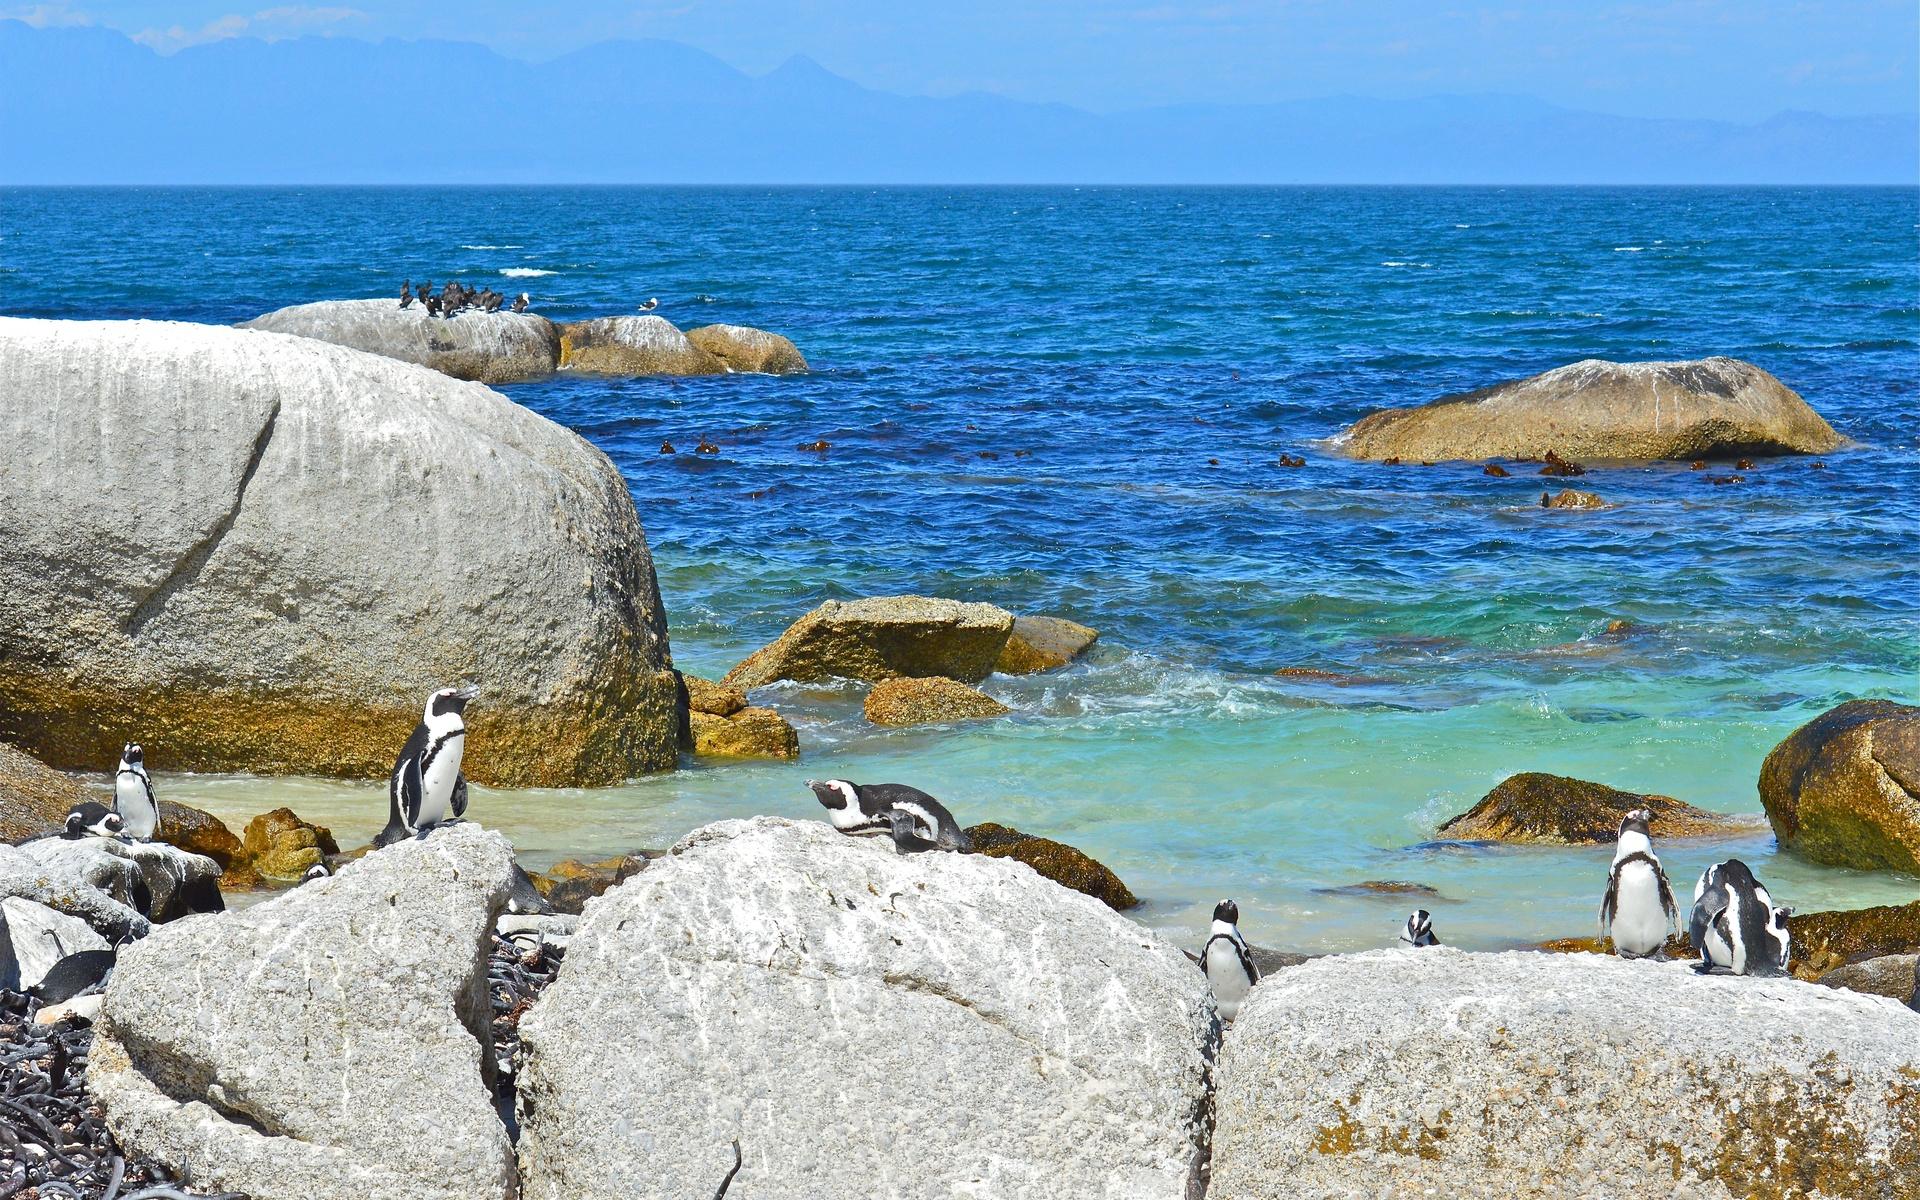 Beach wonderful Scene Wallpaper | HD Desktop Backgrounds Wallpaper ...